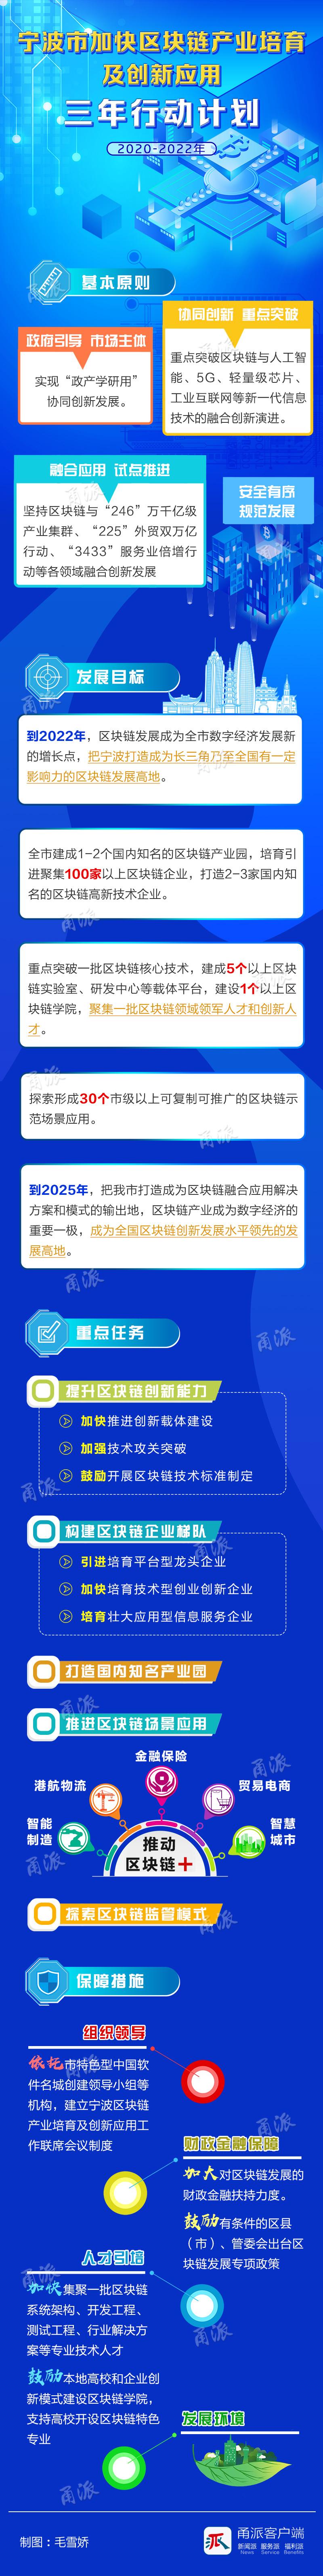 宁波市加快区块链产业培育及创新应用三年行动计划.jpg